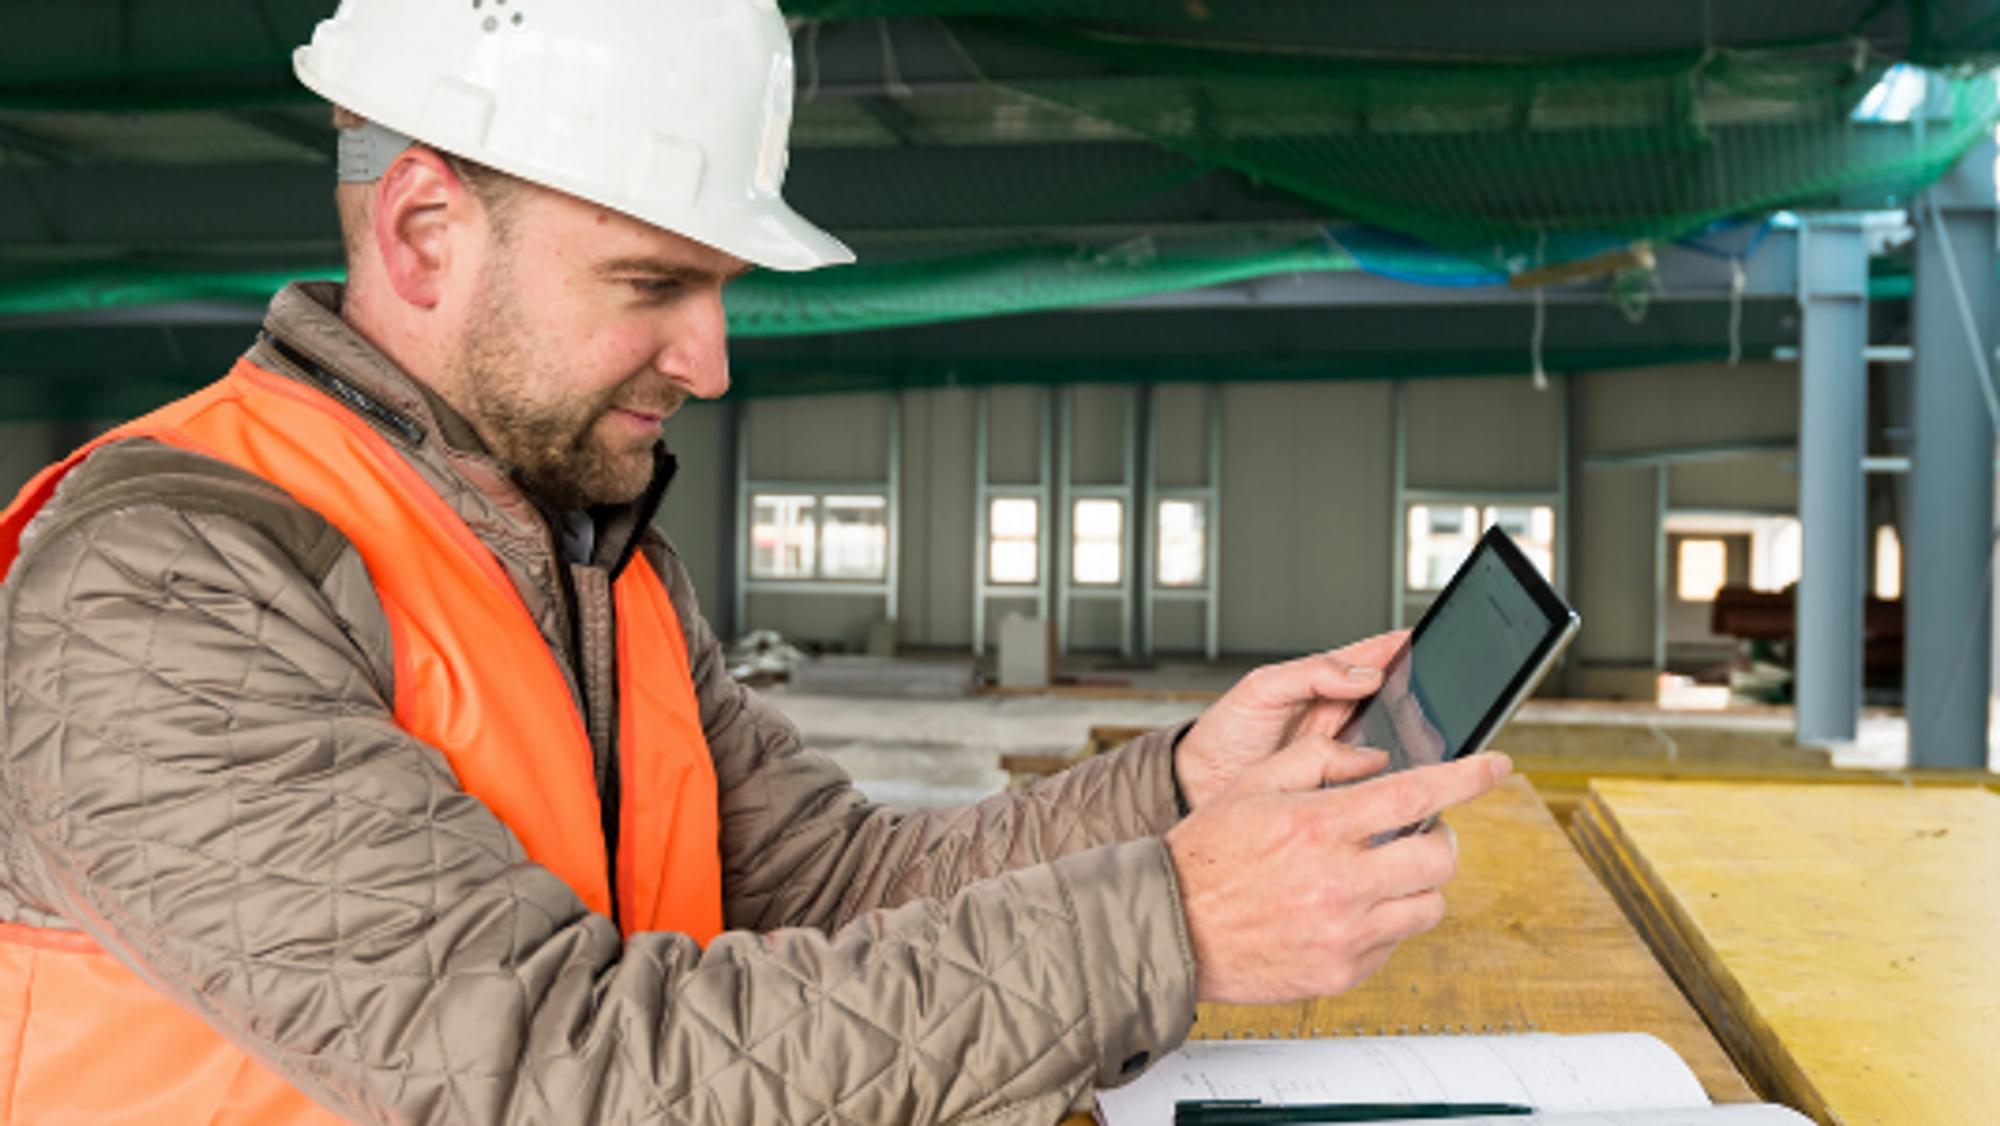 ANNONSE: Bygg- og anleggsbransjen underinvesterer i digital utvikling